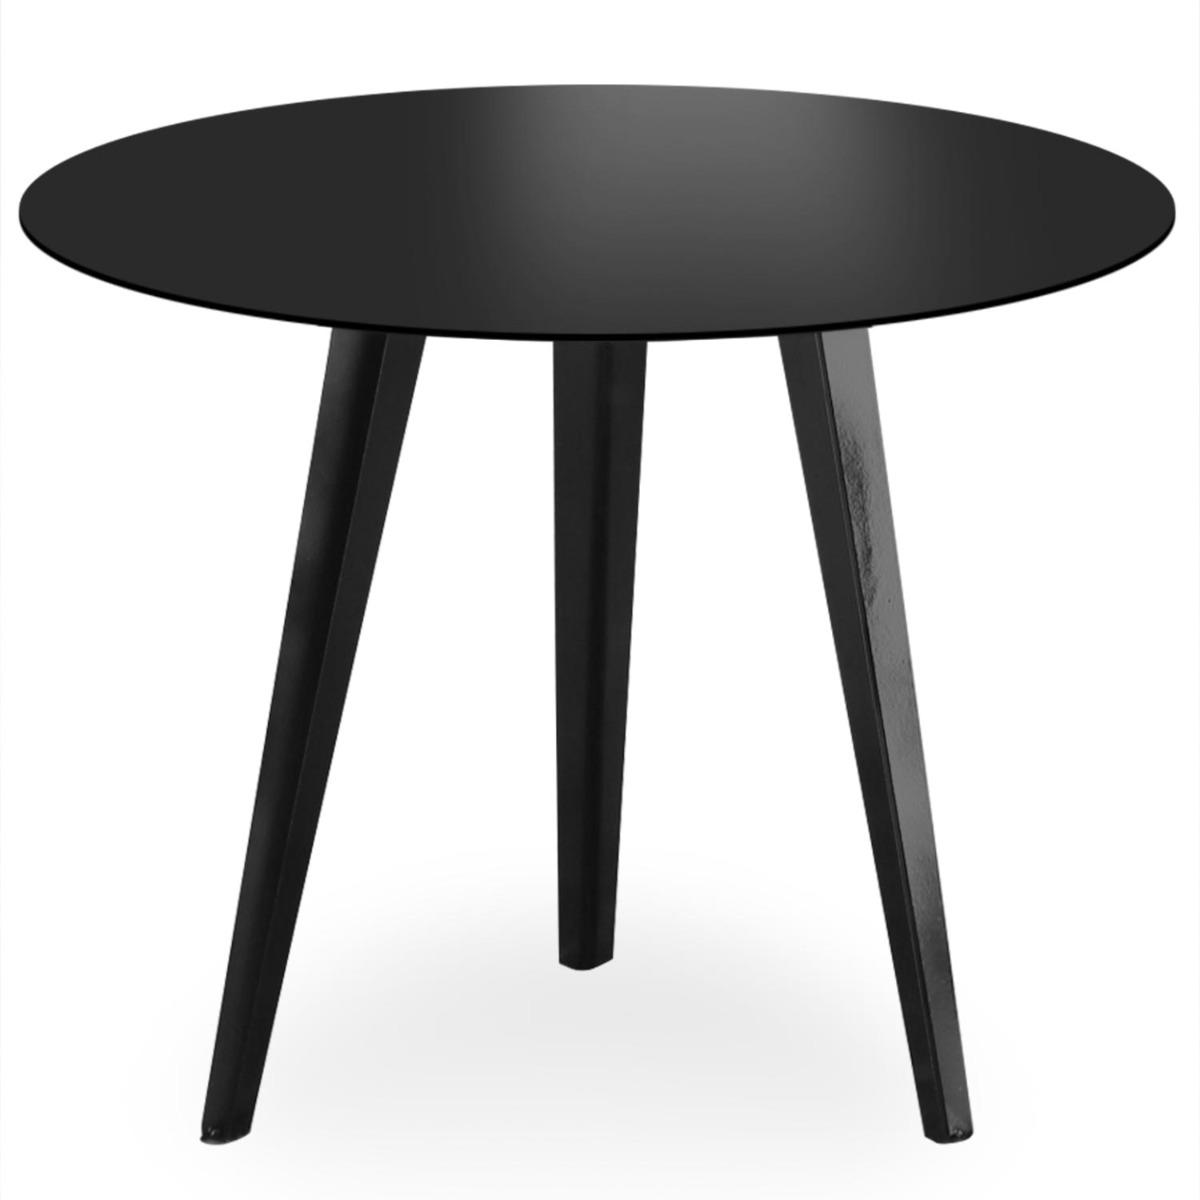 Table d'appoint magnétique ronde 45cm Bipolart Métal Noir